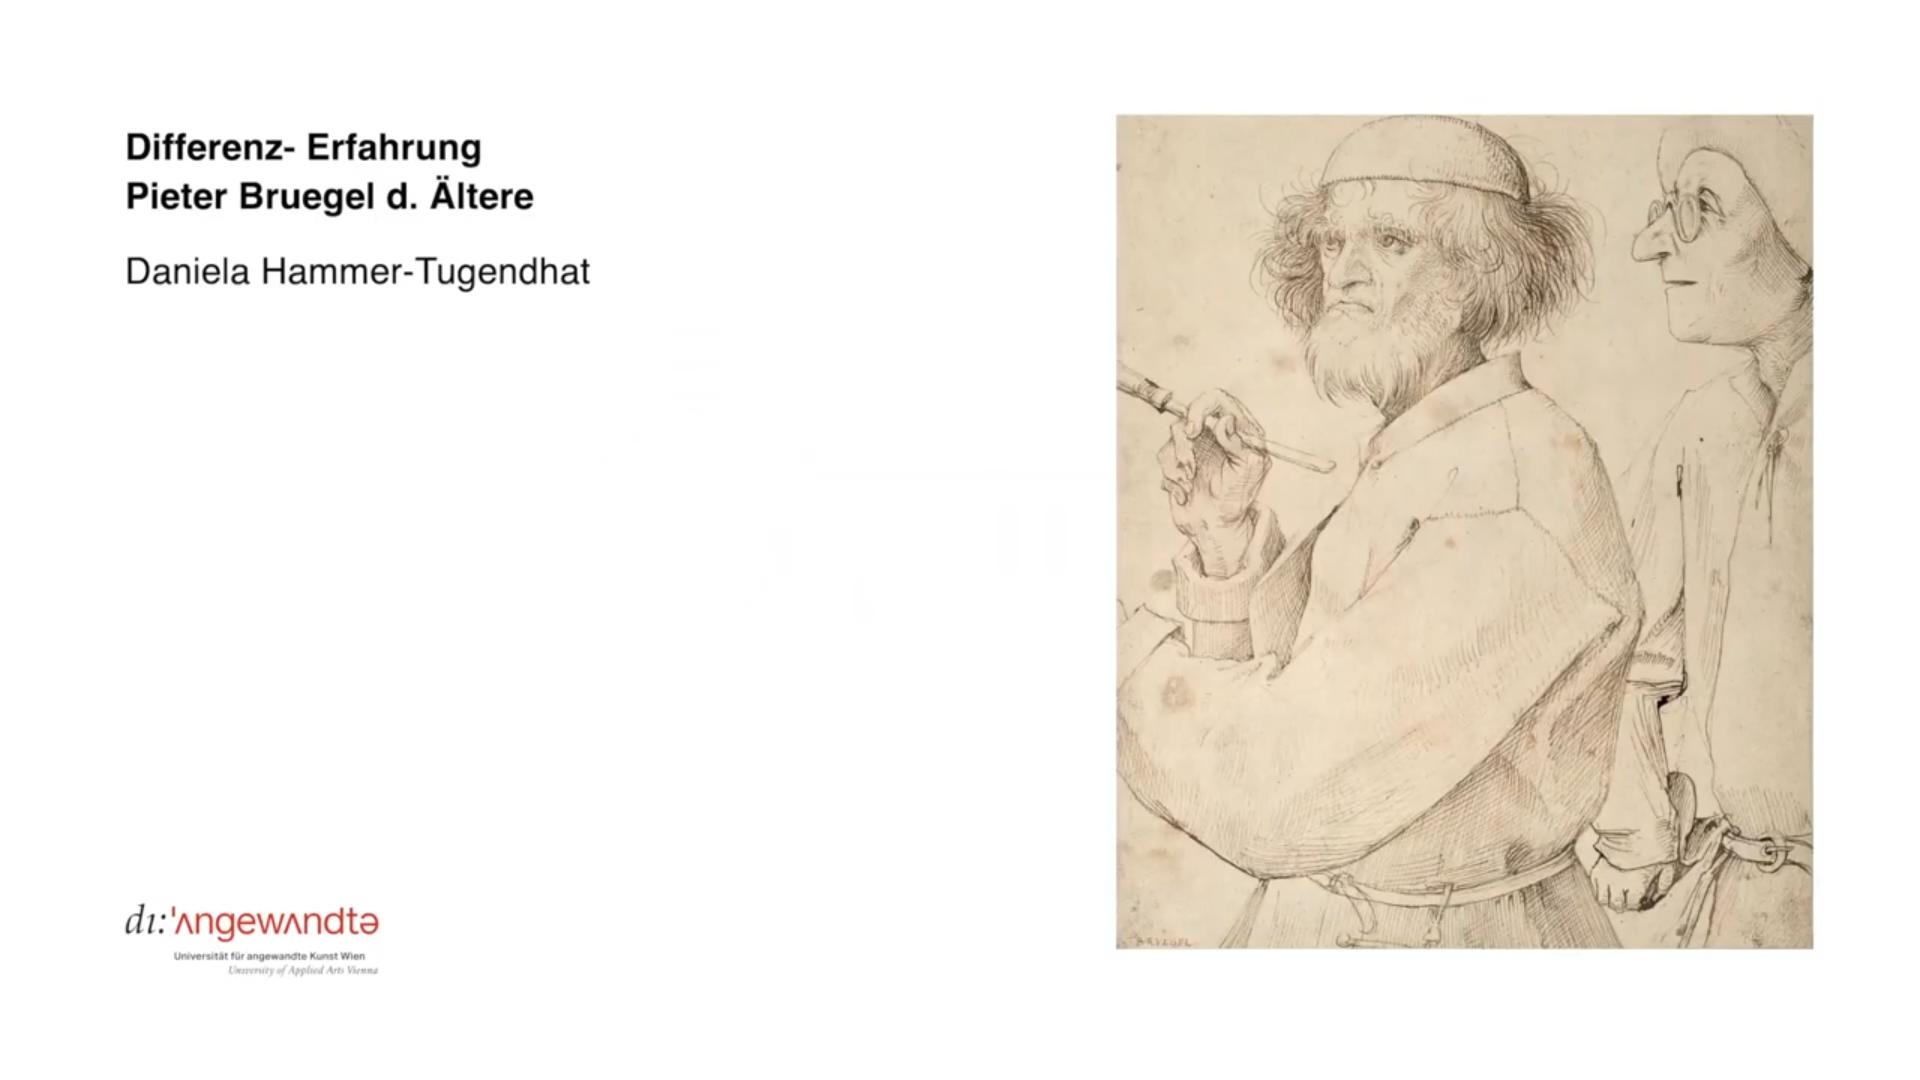 Daniela Hammer Tugendhat VO Pieter Bruegel d Ältere